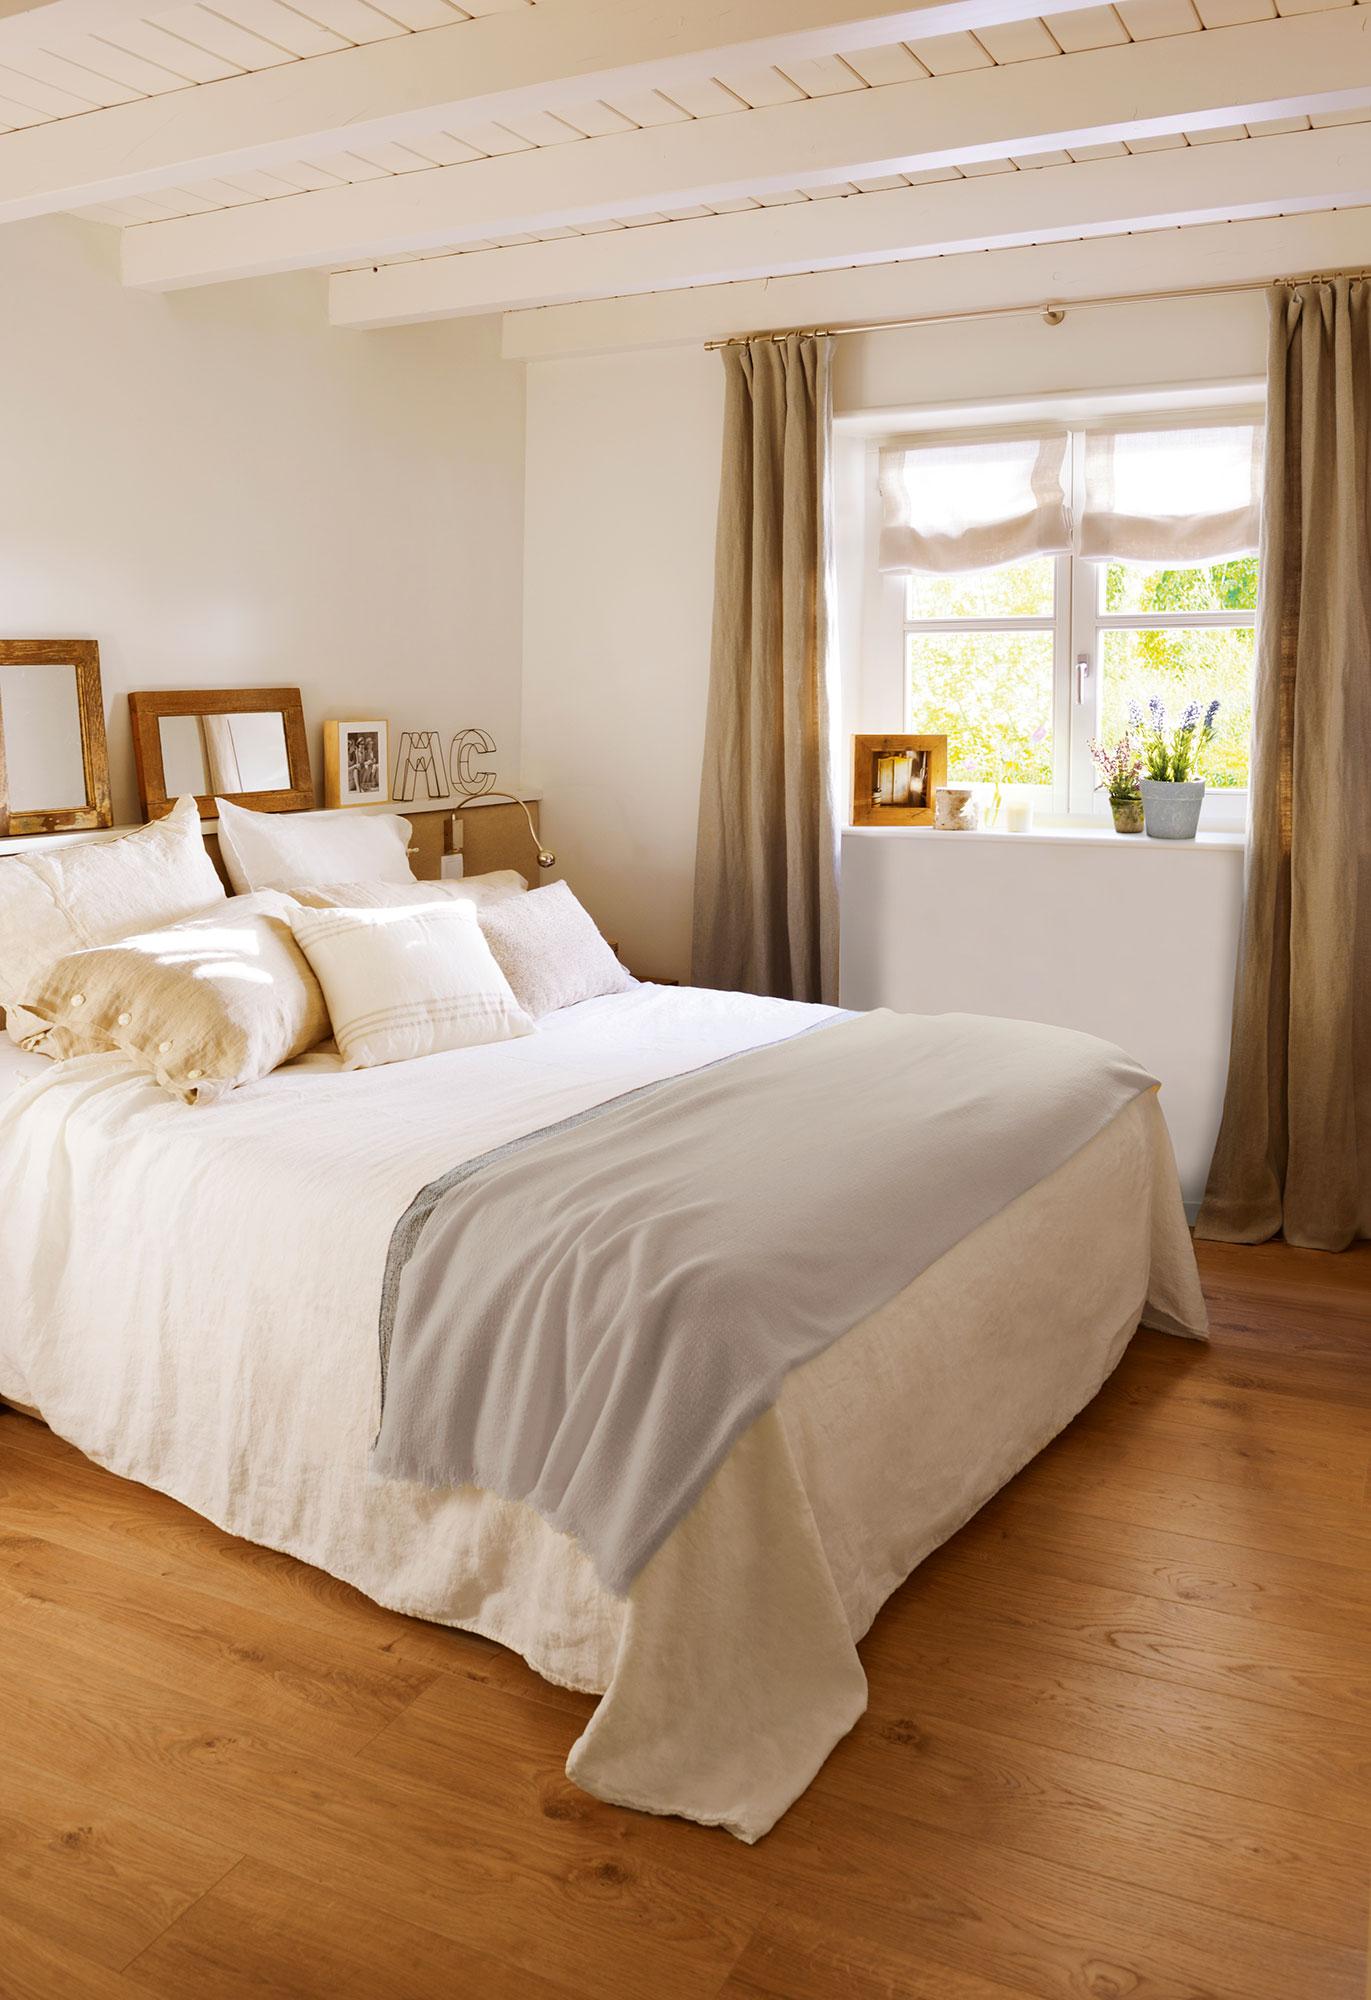 dormitorio en blanco con vigas de madera y suelo de madera